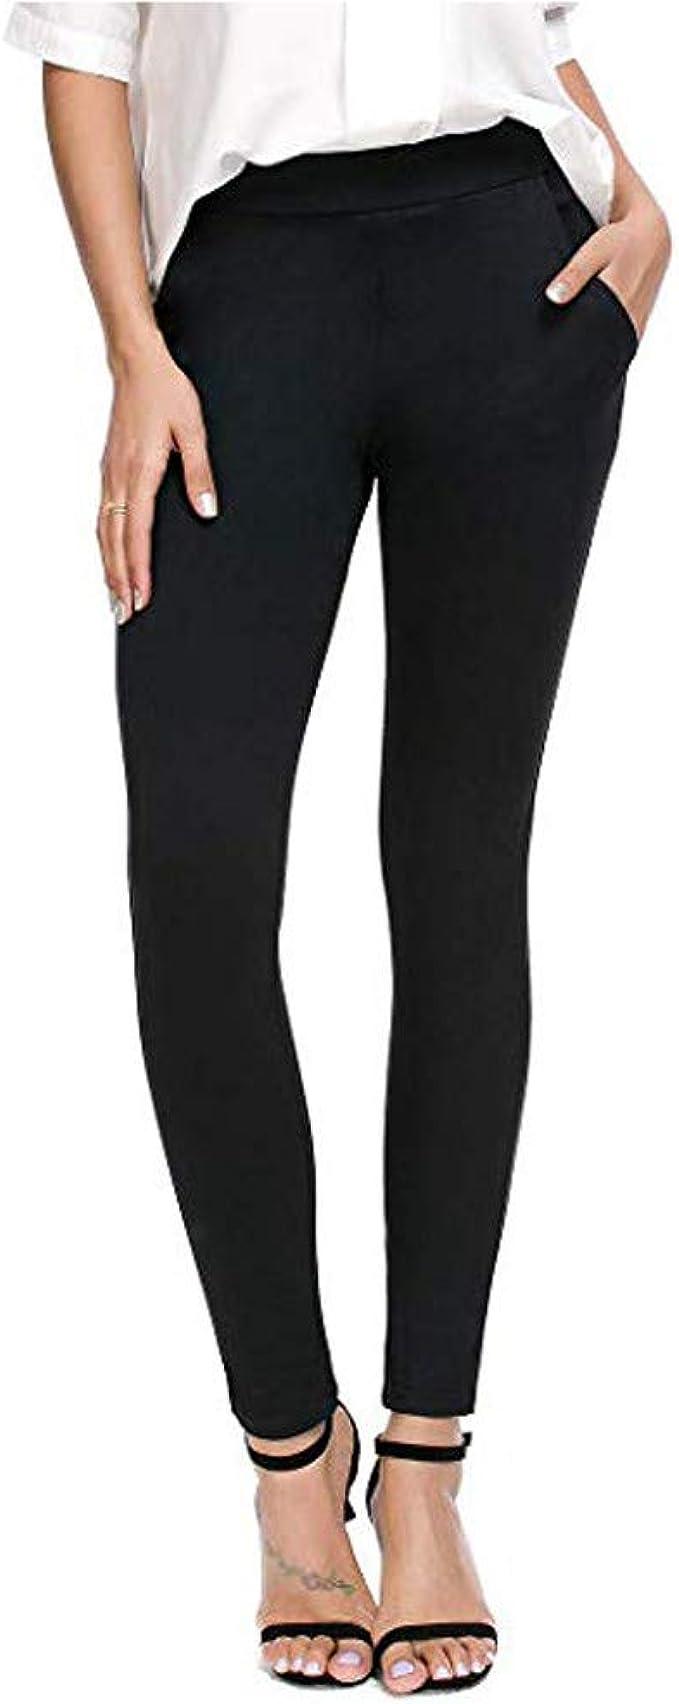 PantalóN Yoga Ancho Ropa De Yoga Para Hombre Pantalones Yoga ...